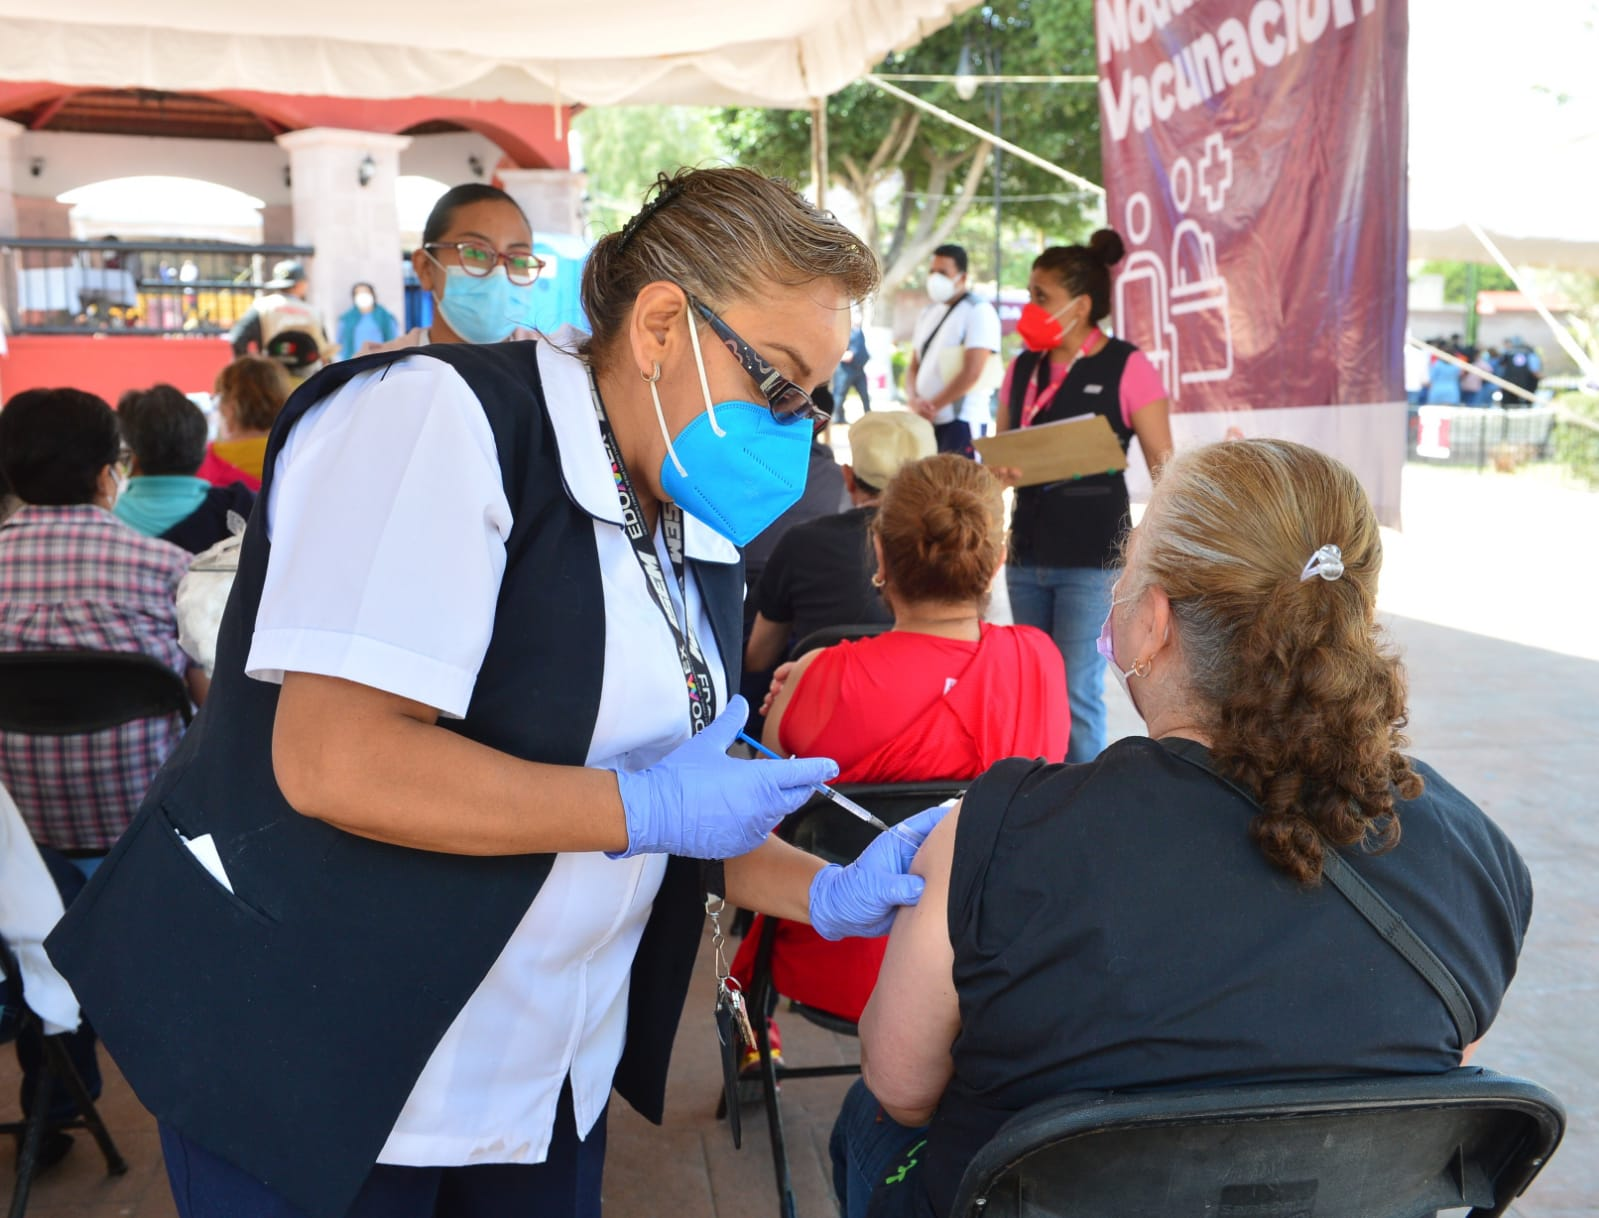 A partir del miércoles 31 de marzo, iniciará la vacunación contra el COVID-19 para adultos mayores en 16 municipios del Edoméx